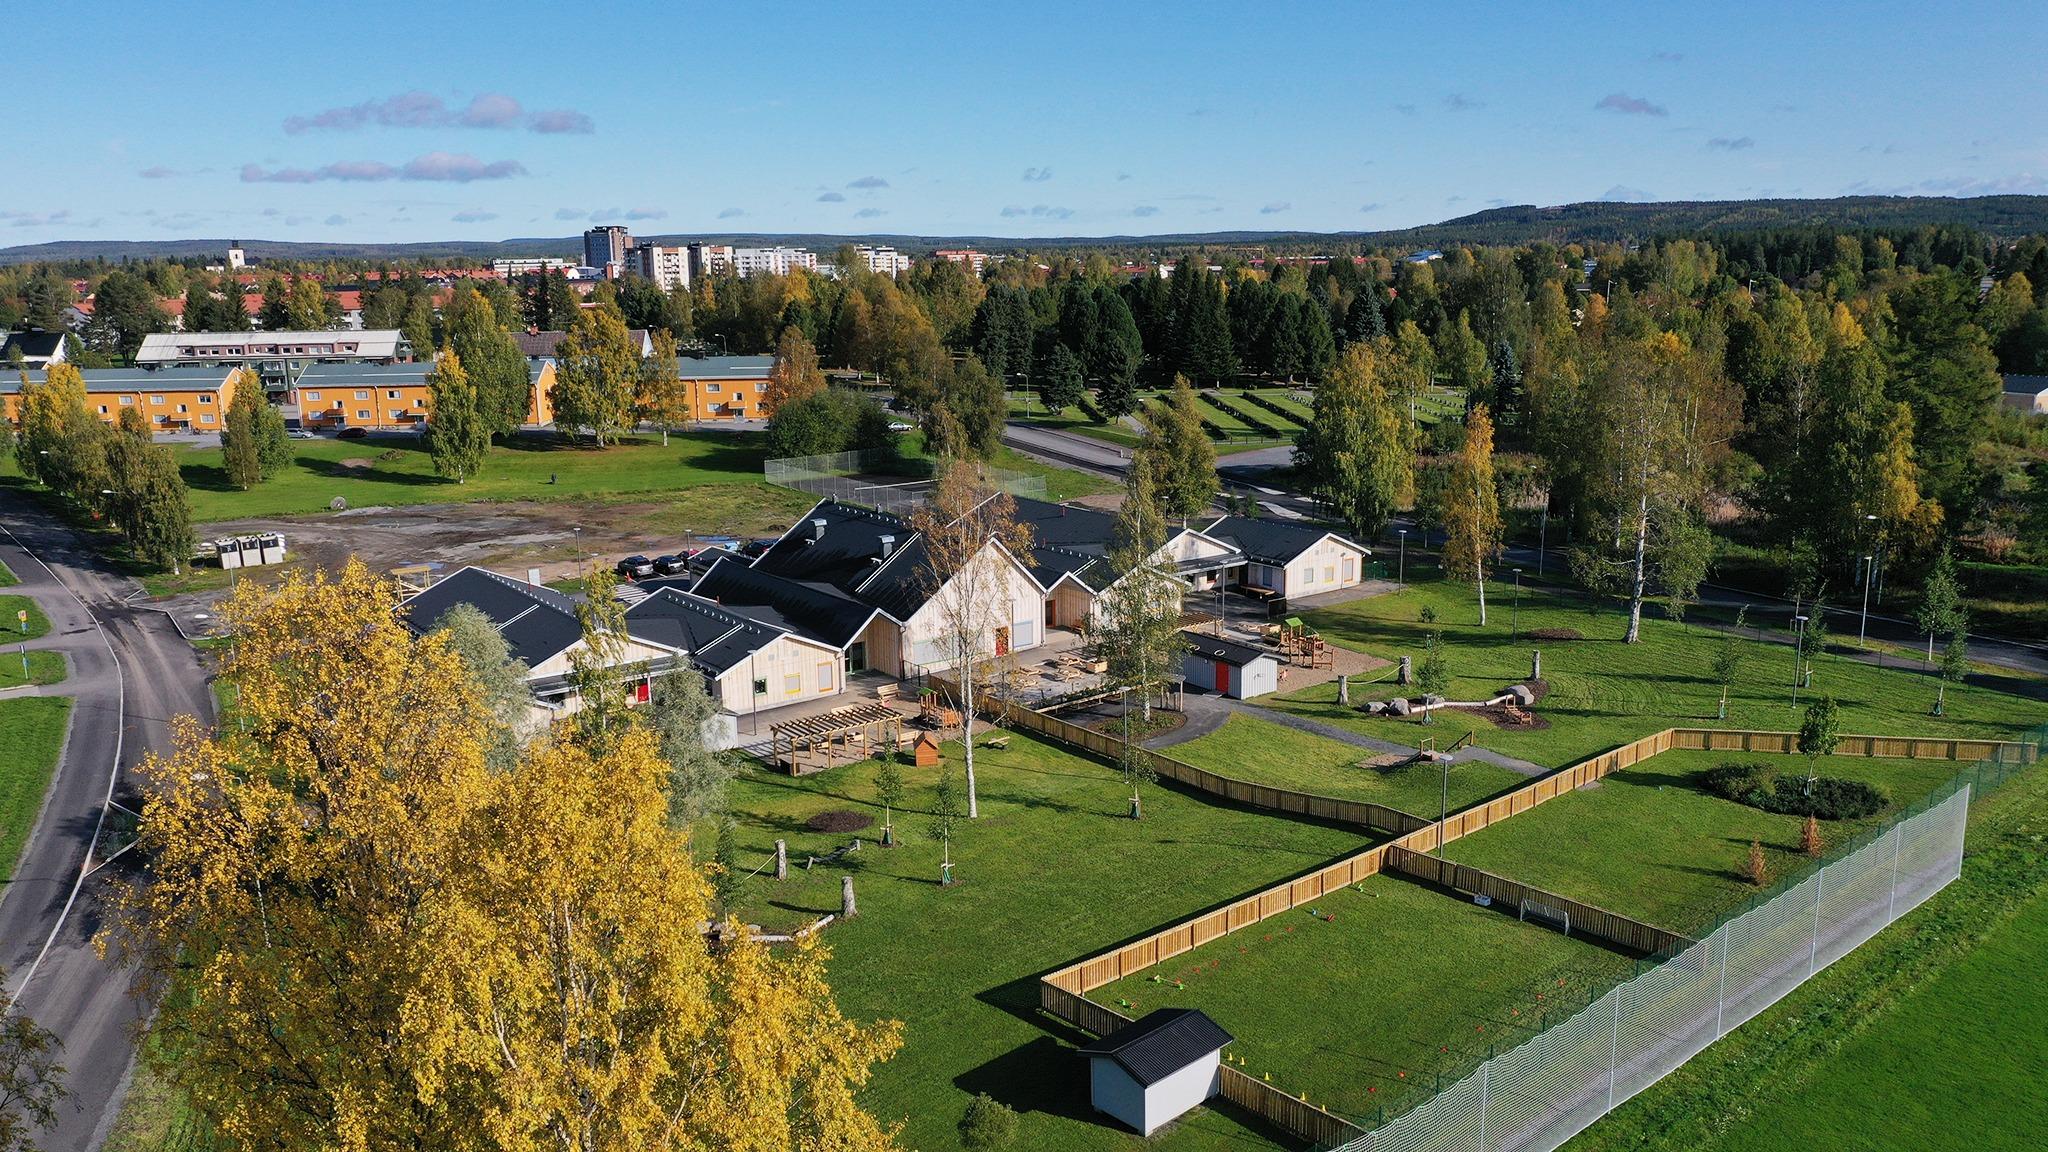 Björkdungens förskola med omvigande lekplats och närmiljö.